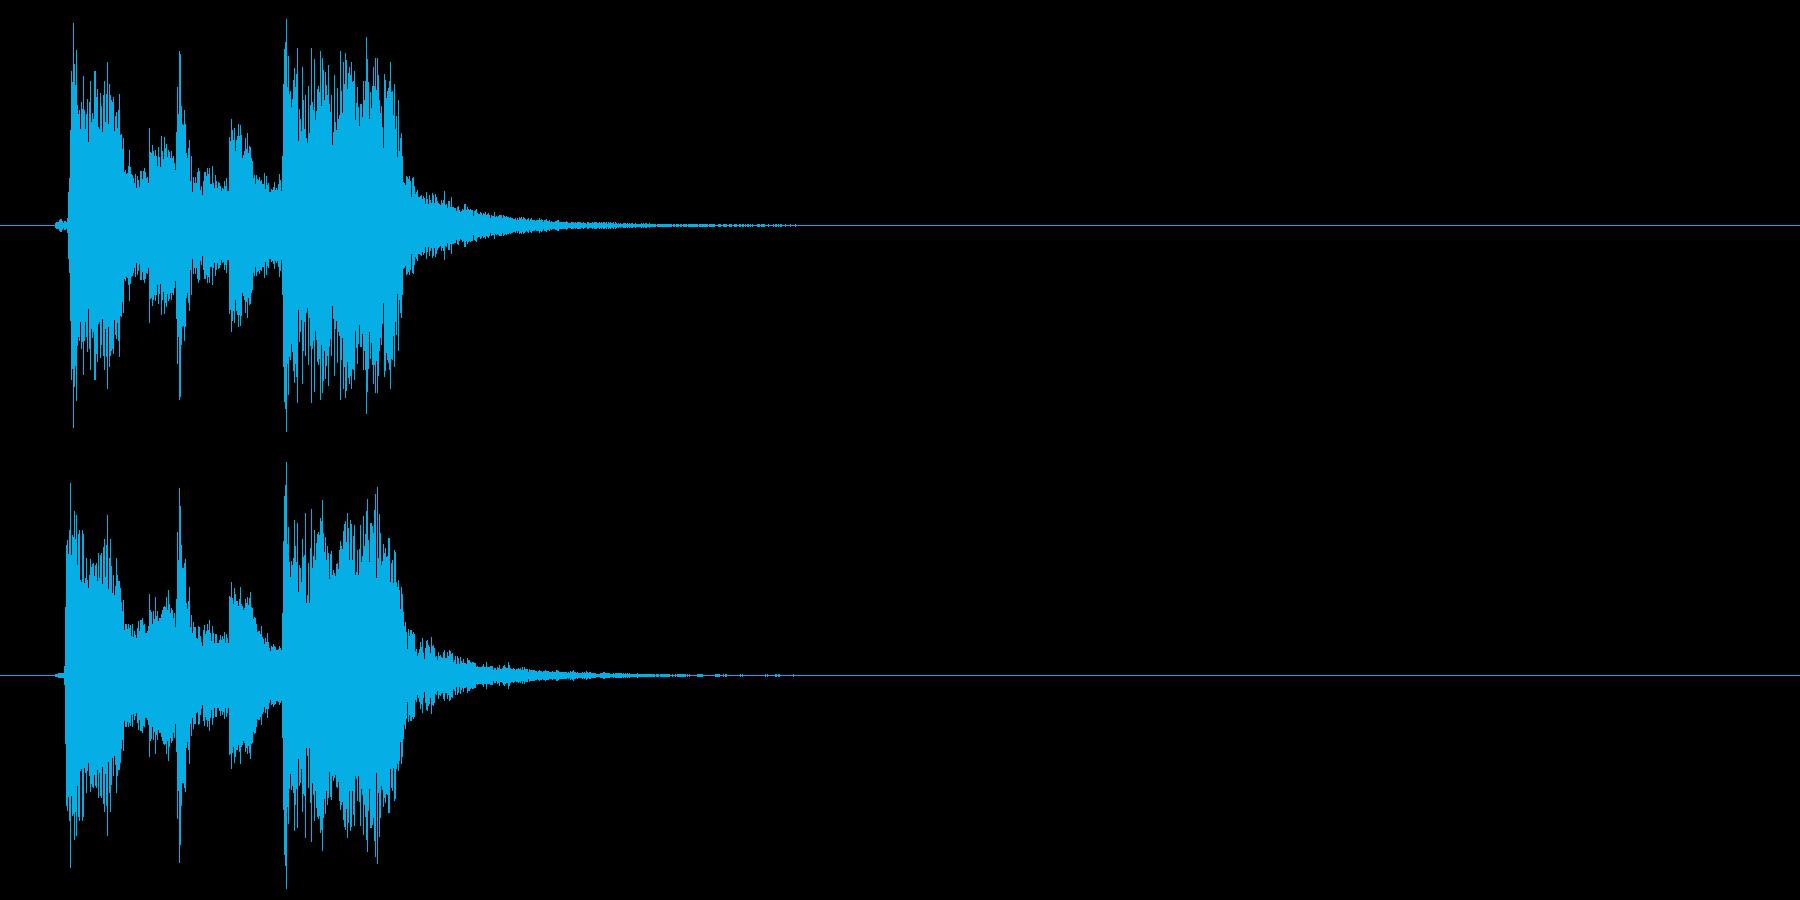 キラキラポップジングルの再生済みの波形